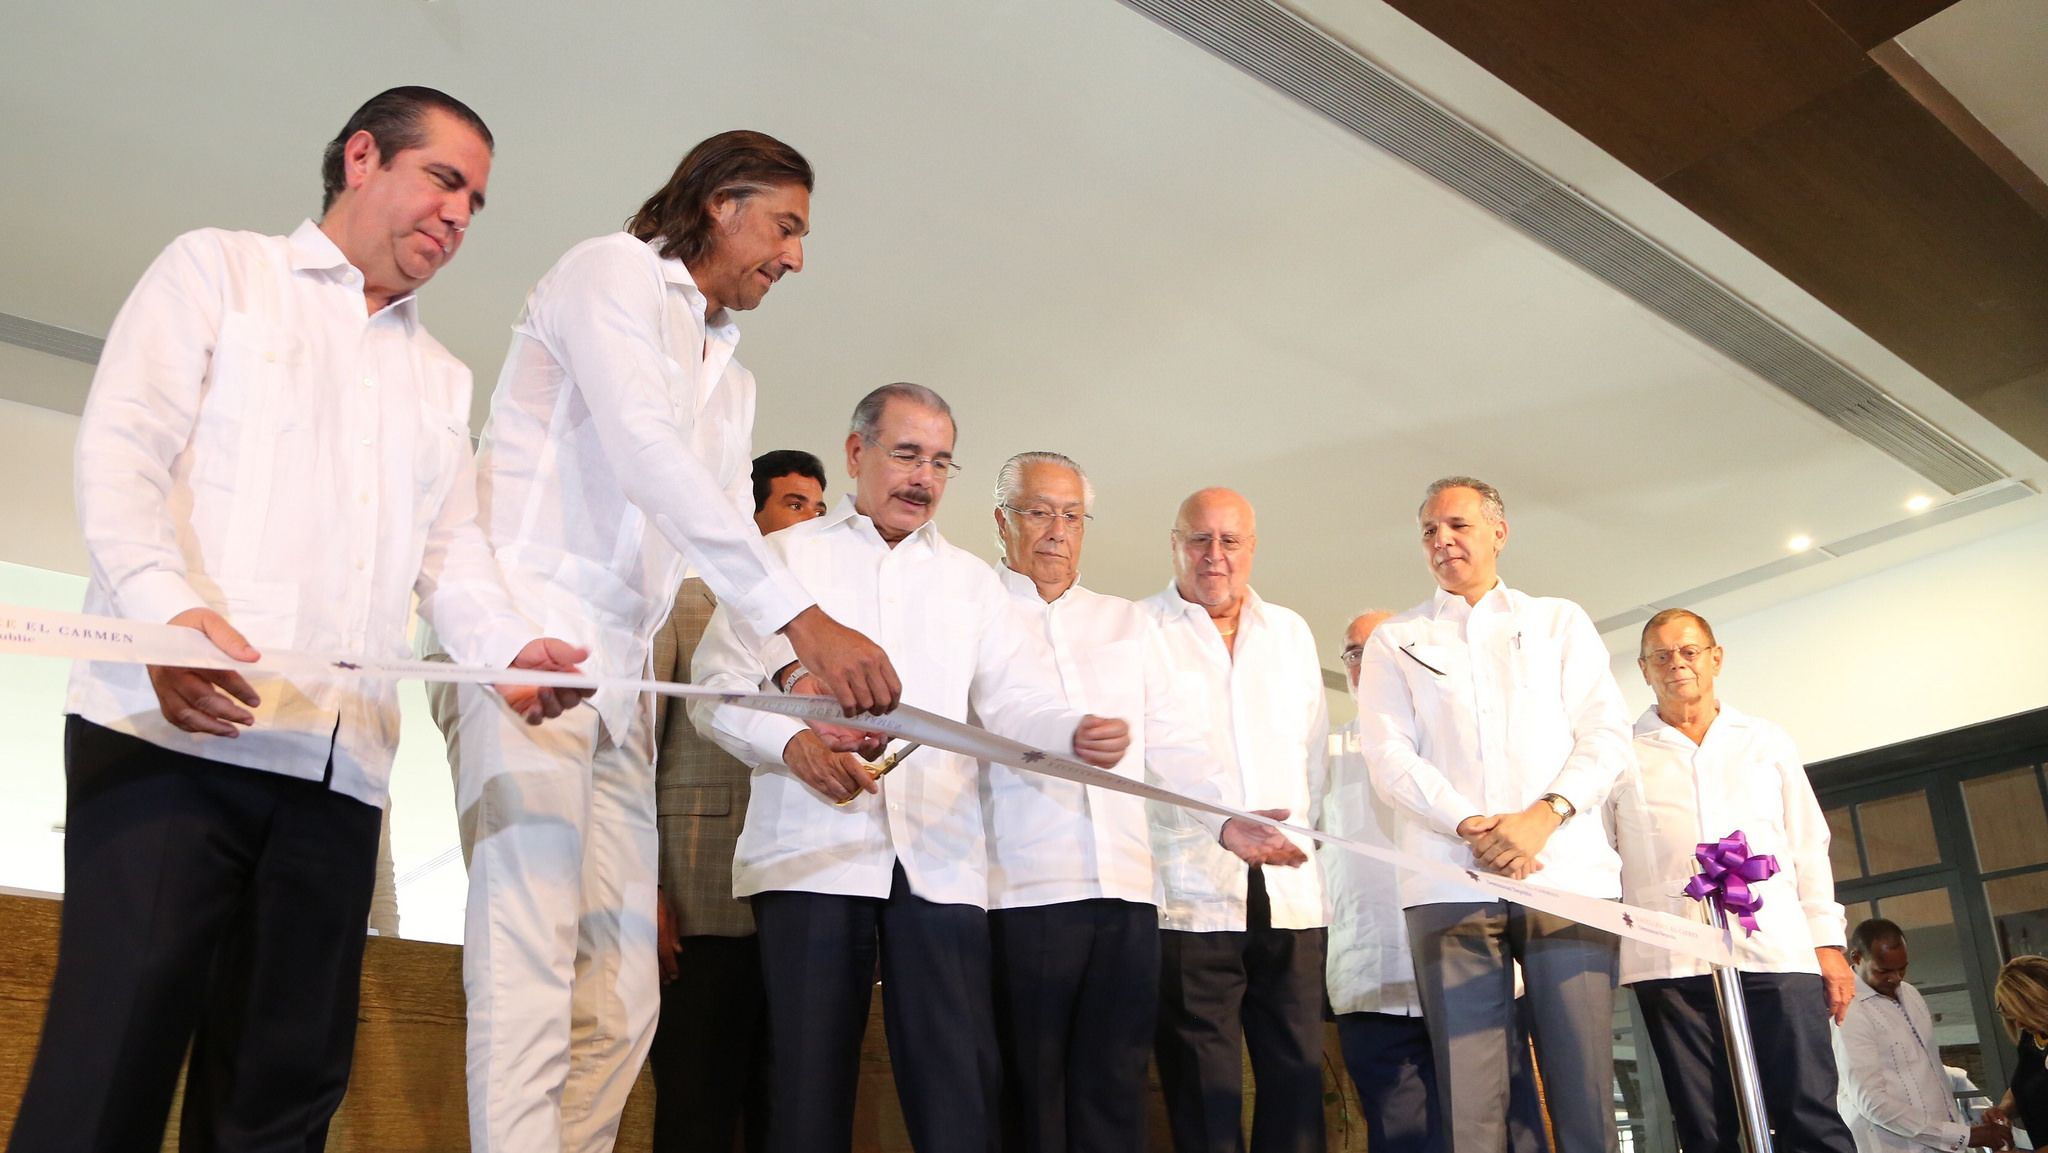 El presidente Danilo Medina inaugura hotel en Punta Cana